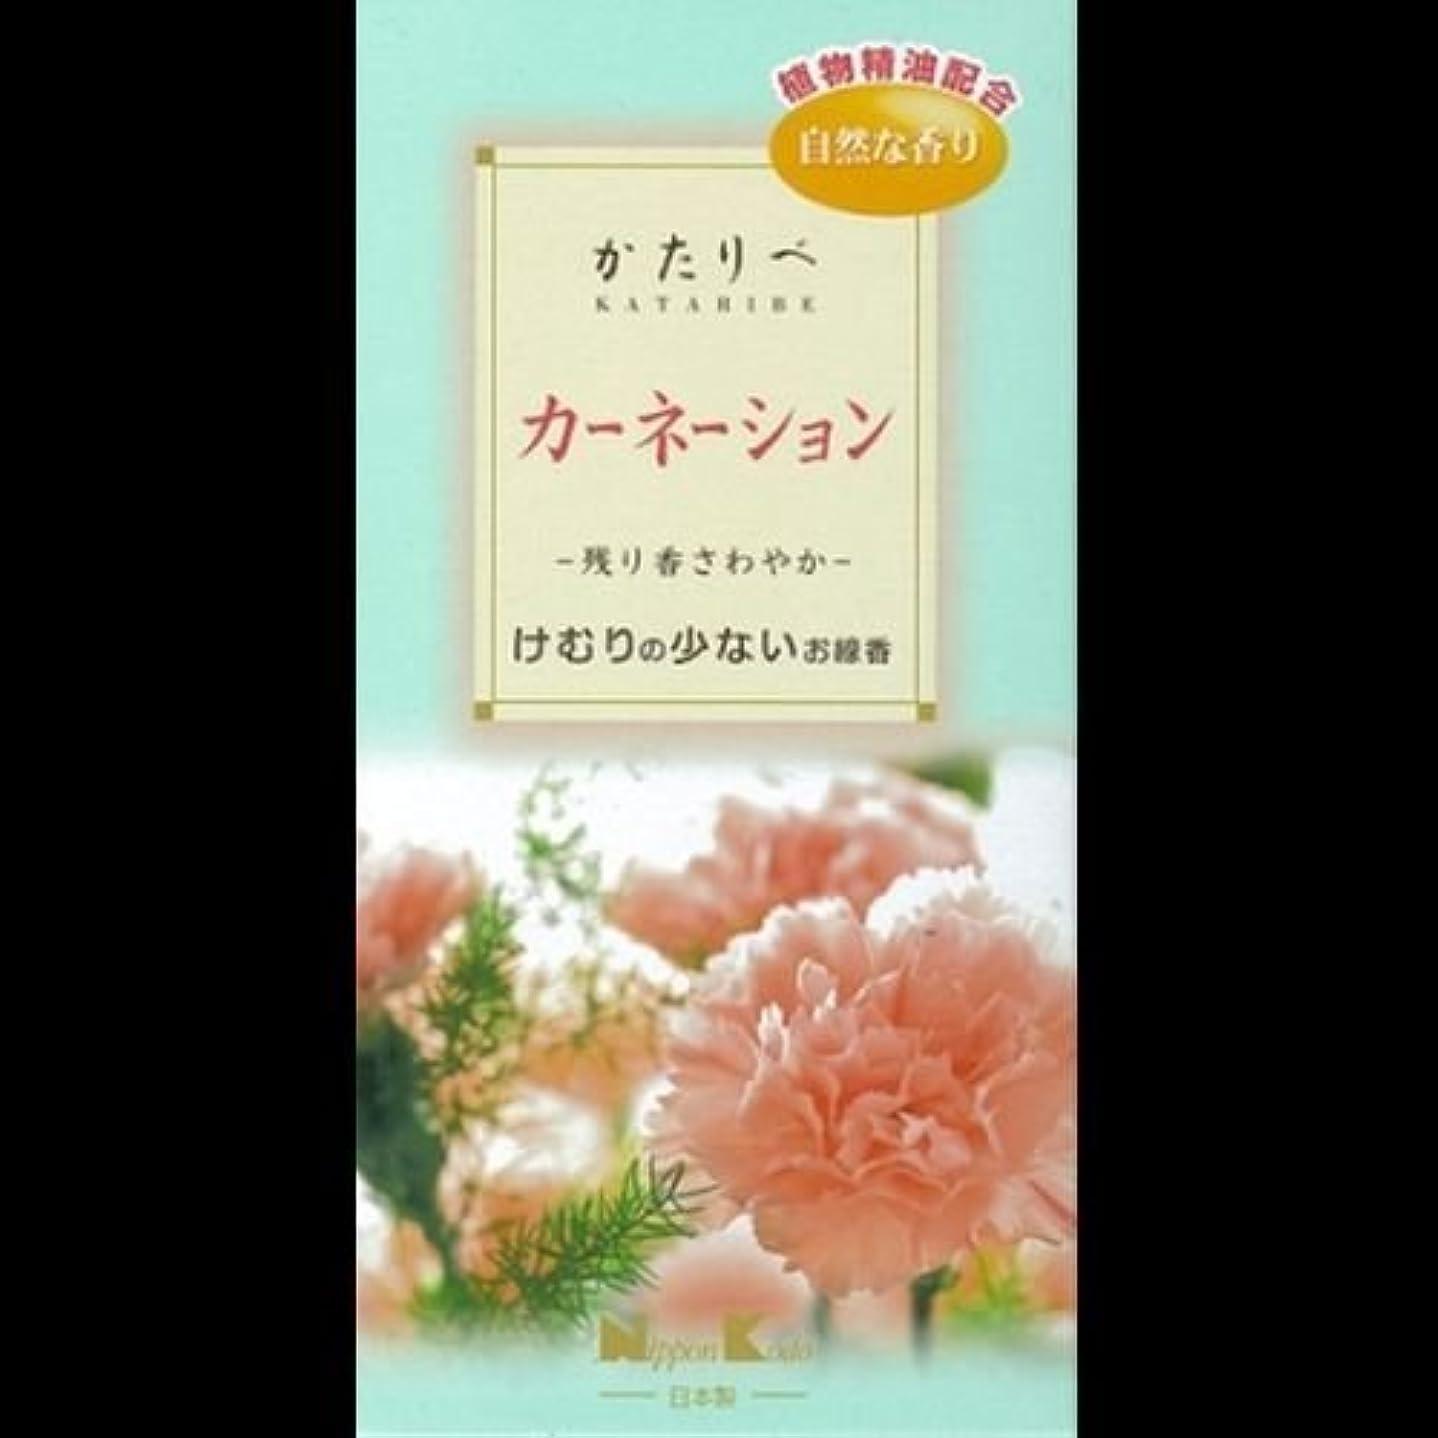 メイエラ石炭キノコ【まとめ買い】かたりべ カーネーション バラ詰 #26441 ×2セット